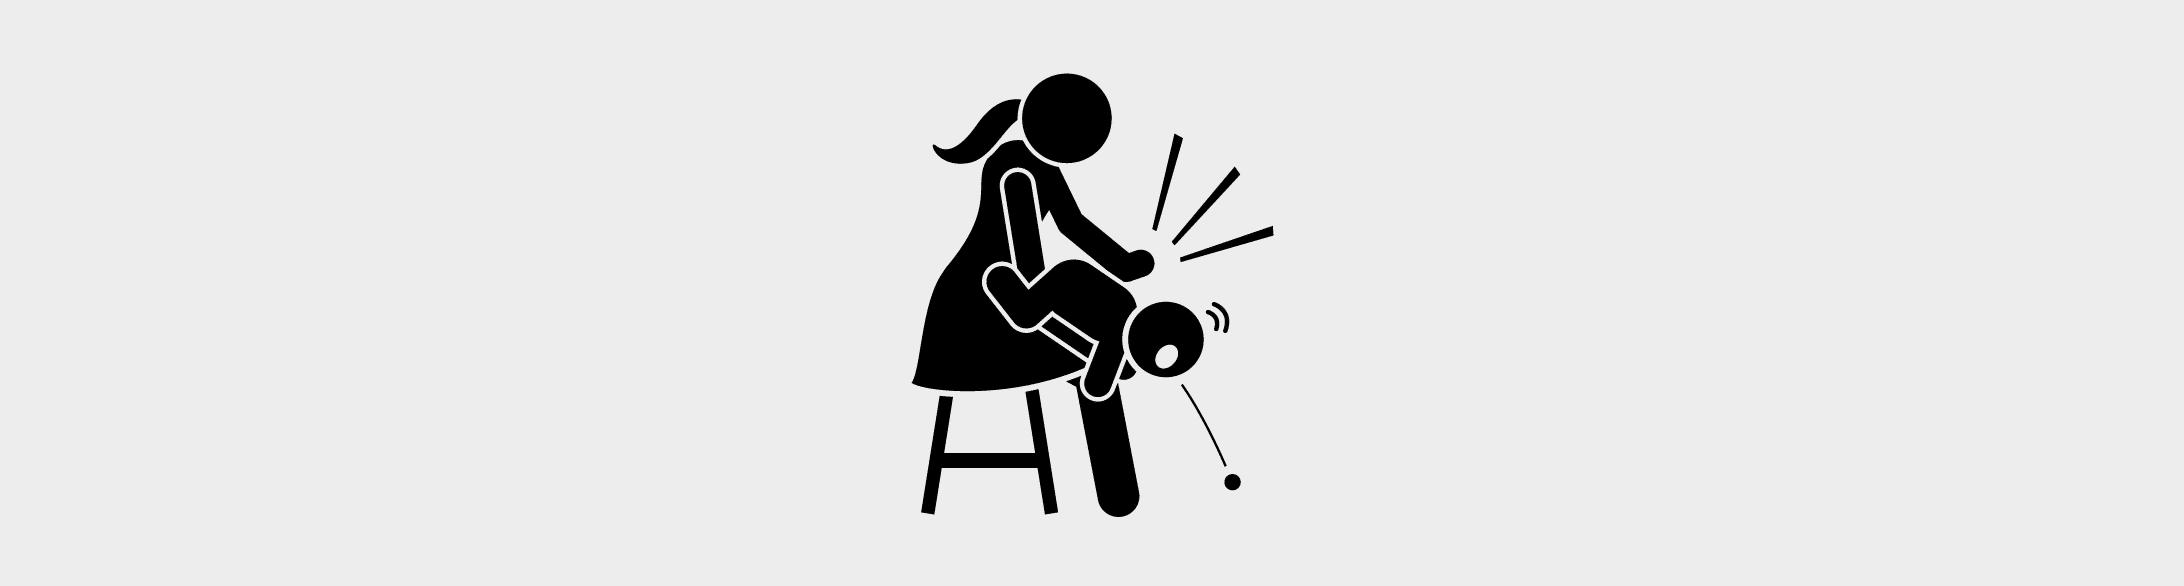 Illustration einer Mutter, die ihrem Kind vorsichtig zwischen die Schulterblätter klopft, damit dieses den verschluckten Gegenstand ausspuckt.